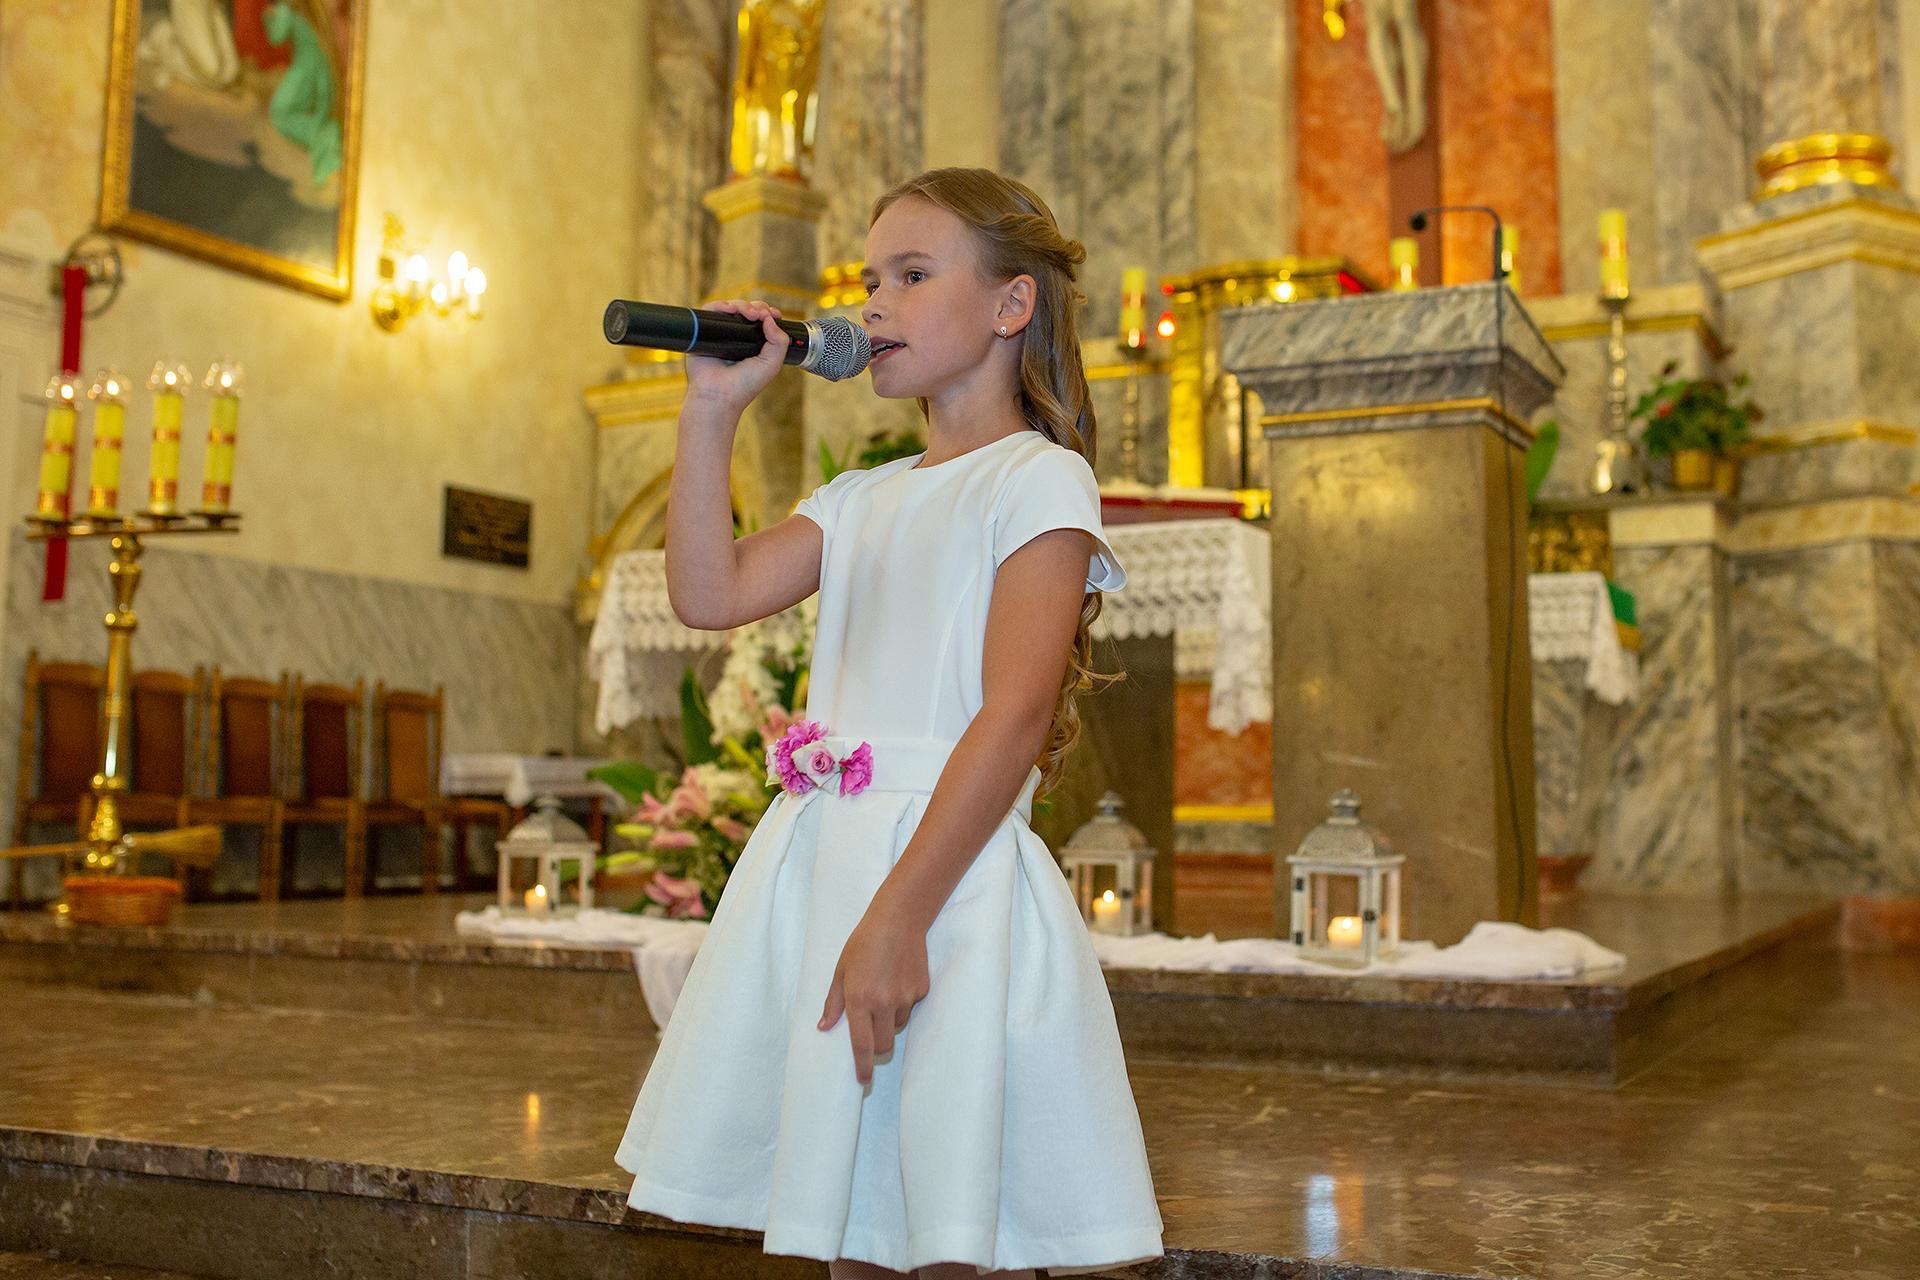 Śpiewająca dziewczynka w kościele